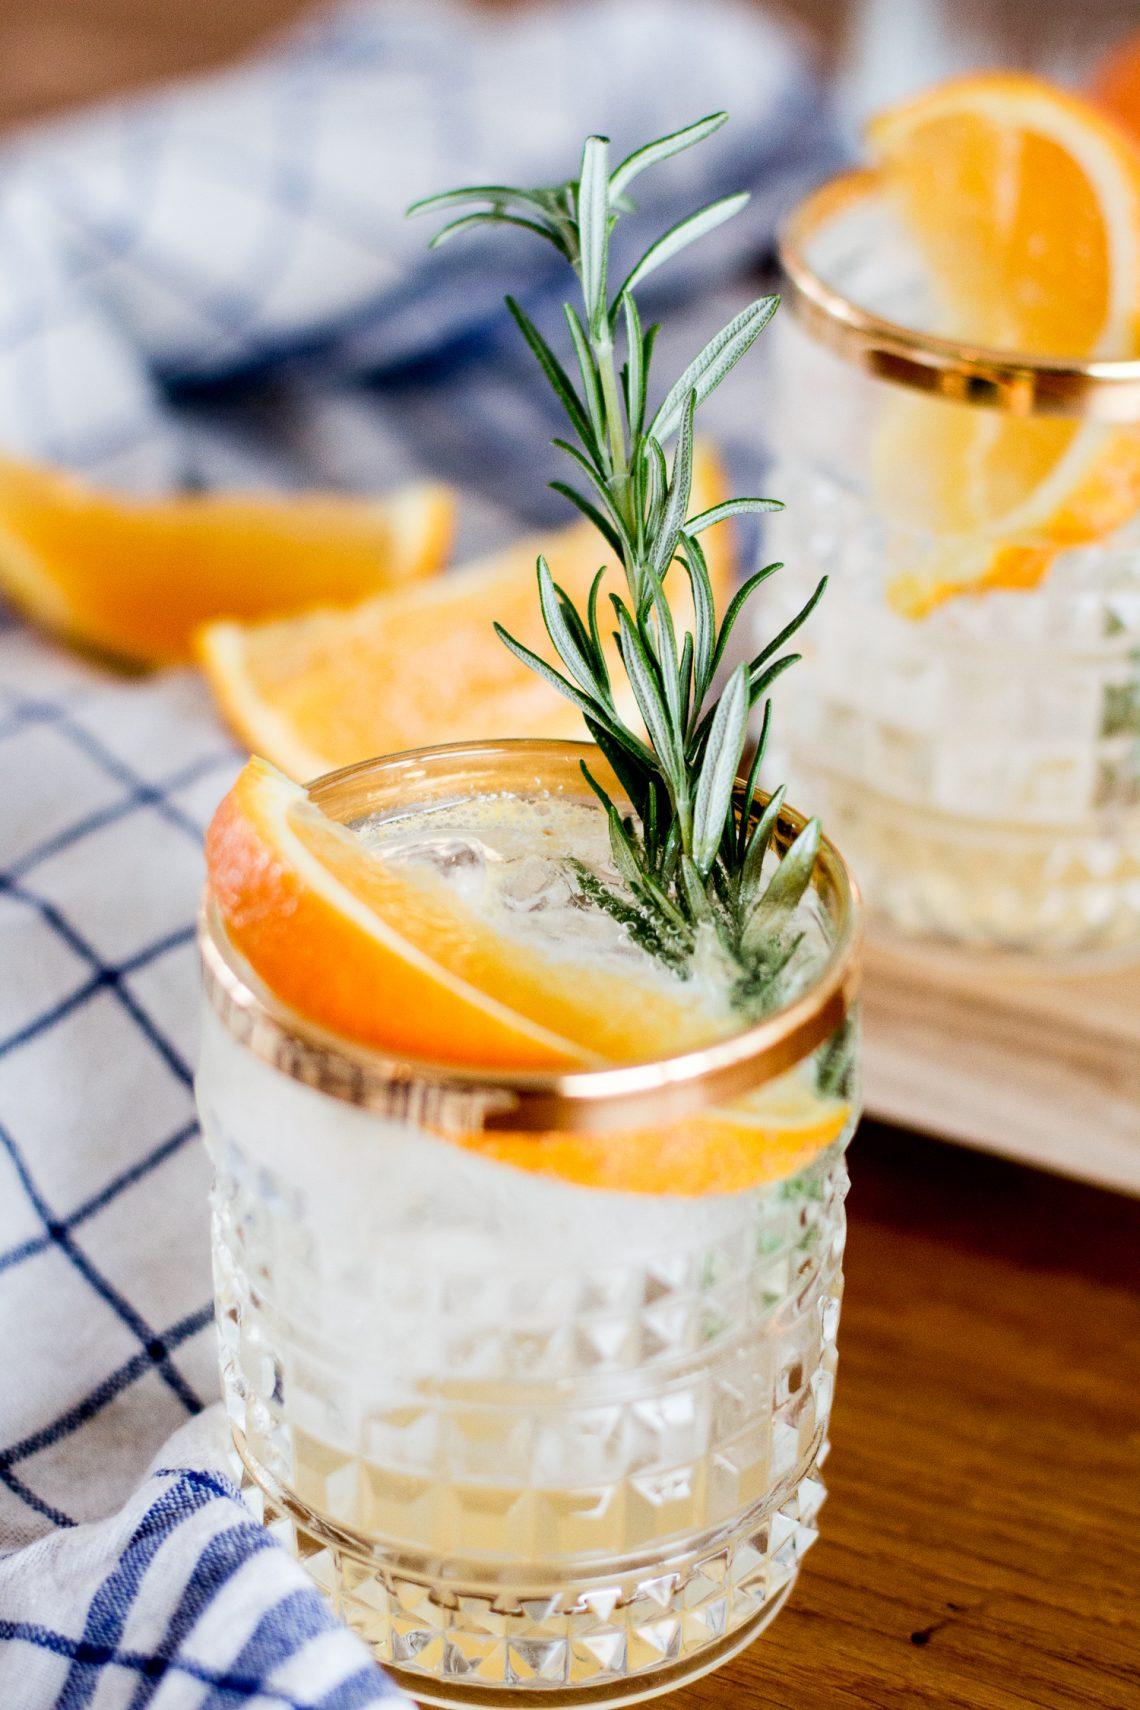 Bubbly Friday: Orange-Rosemary Vodka Soda